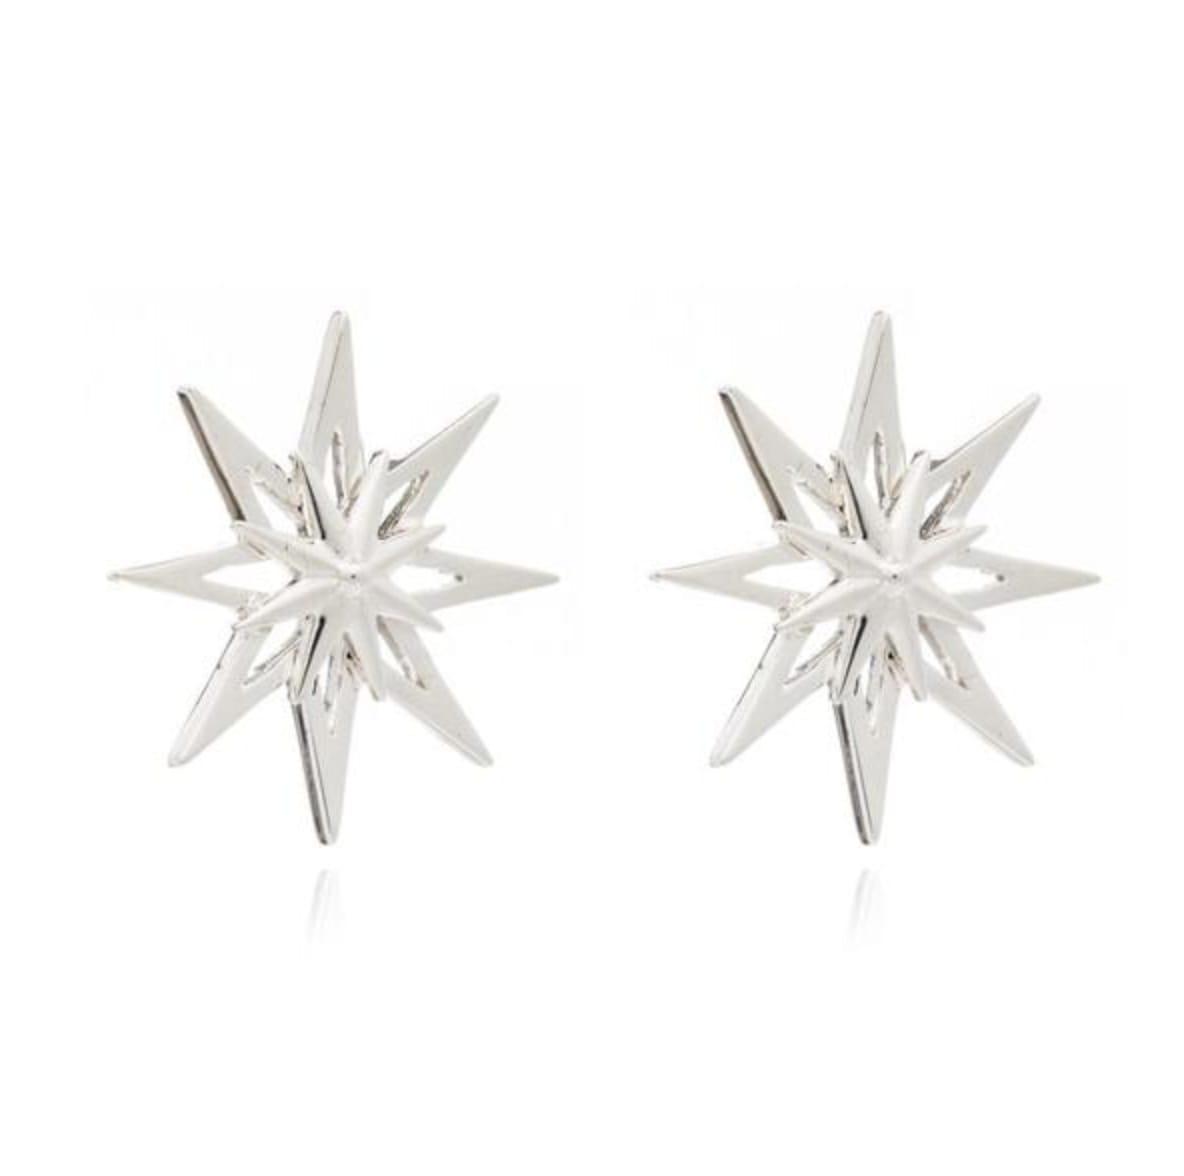 Rachel Jackson Silver Rock Star Large Earring Studs